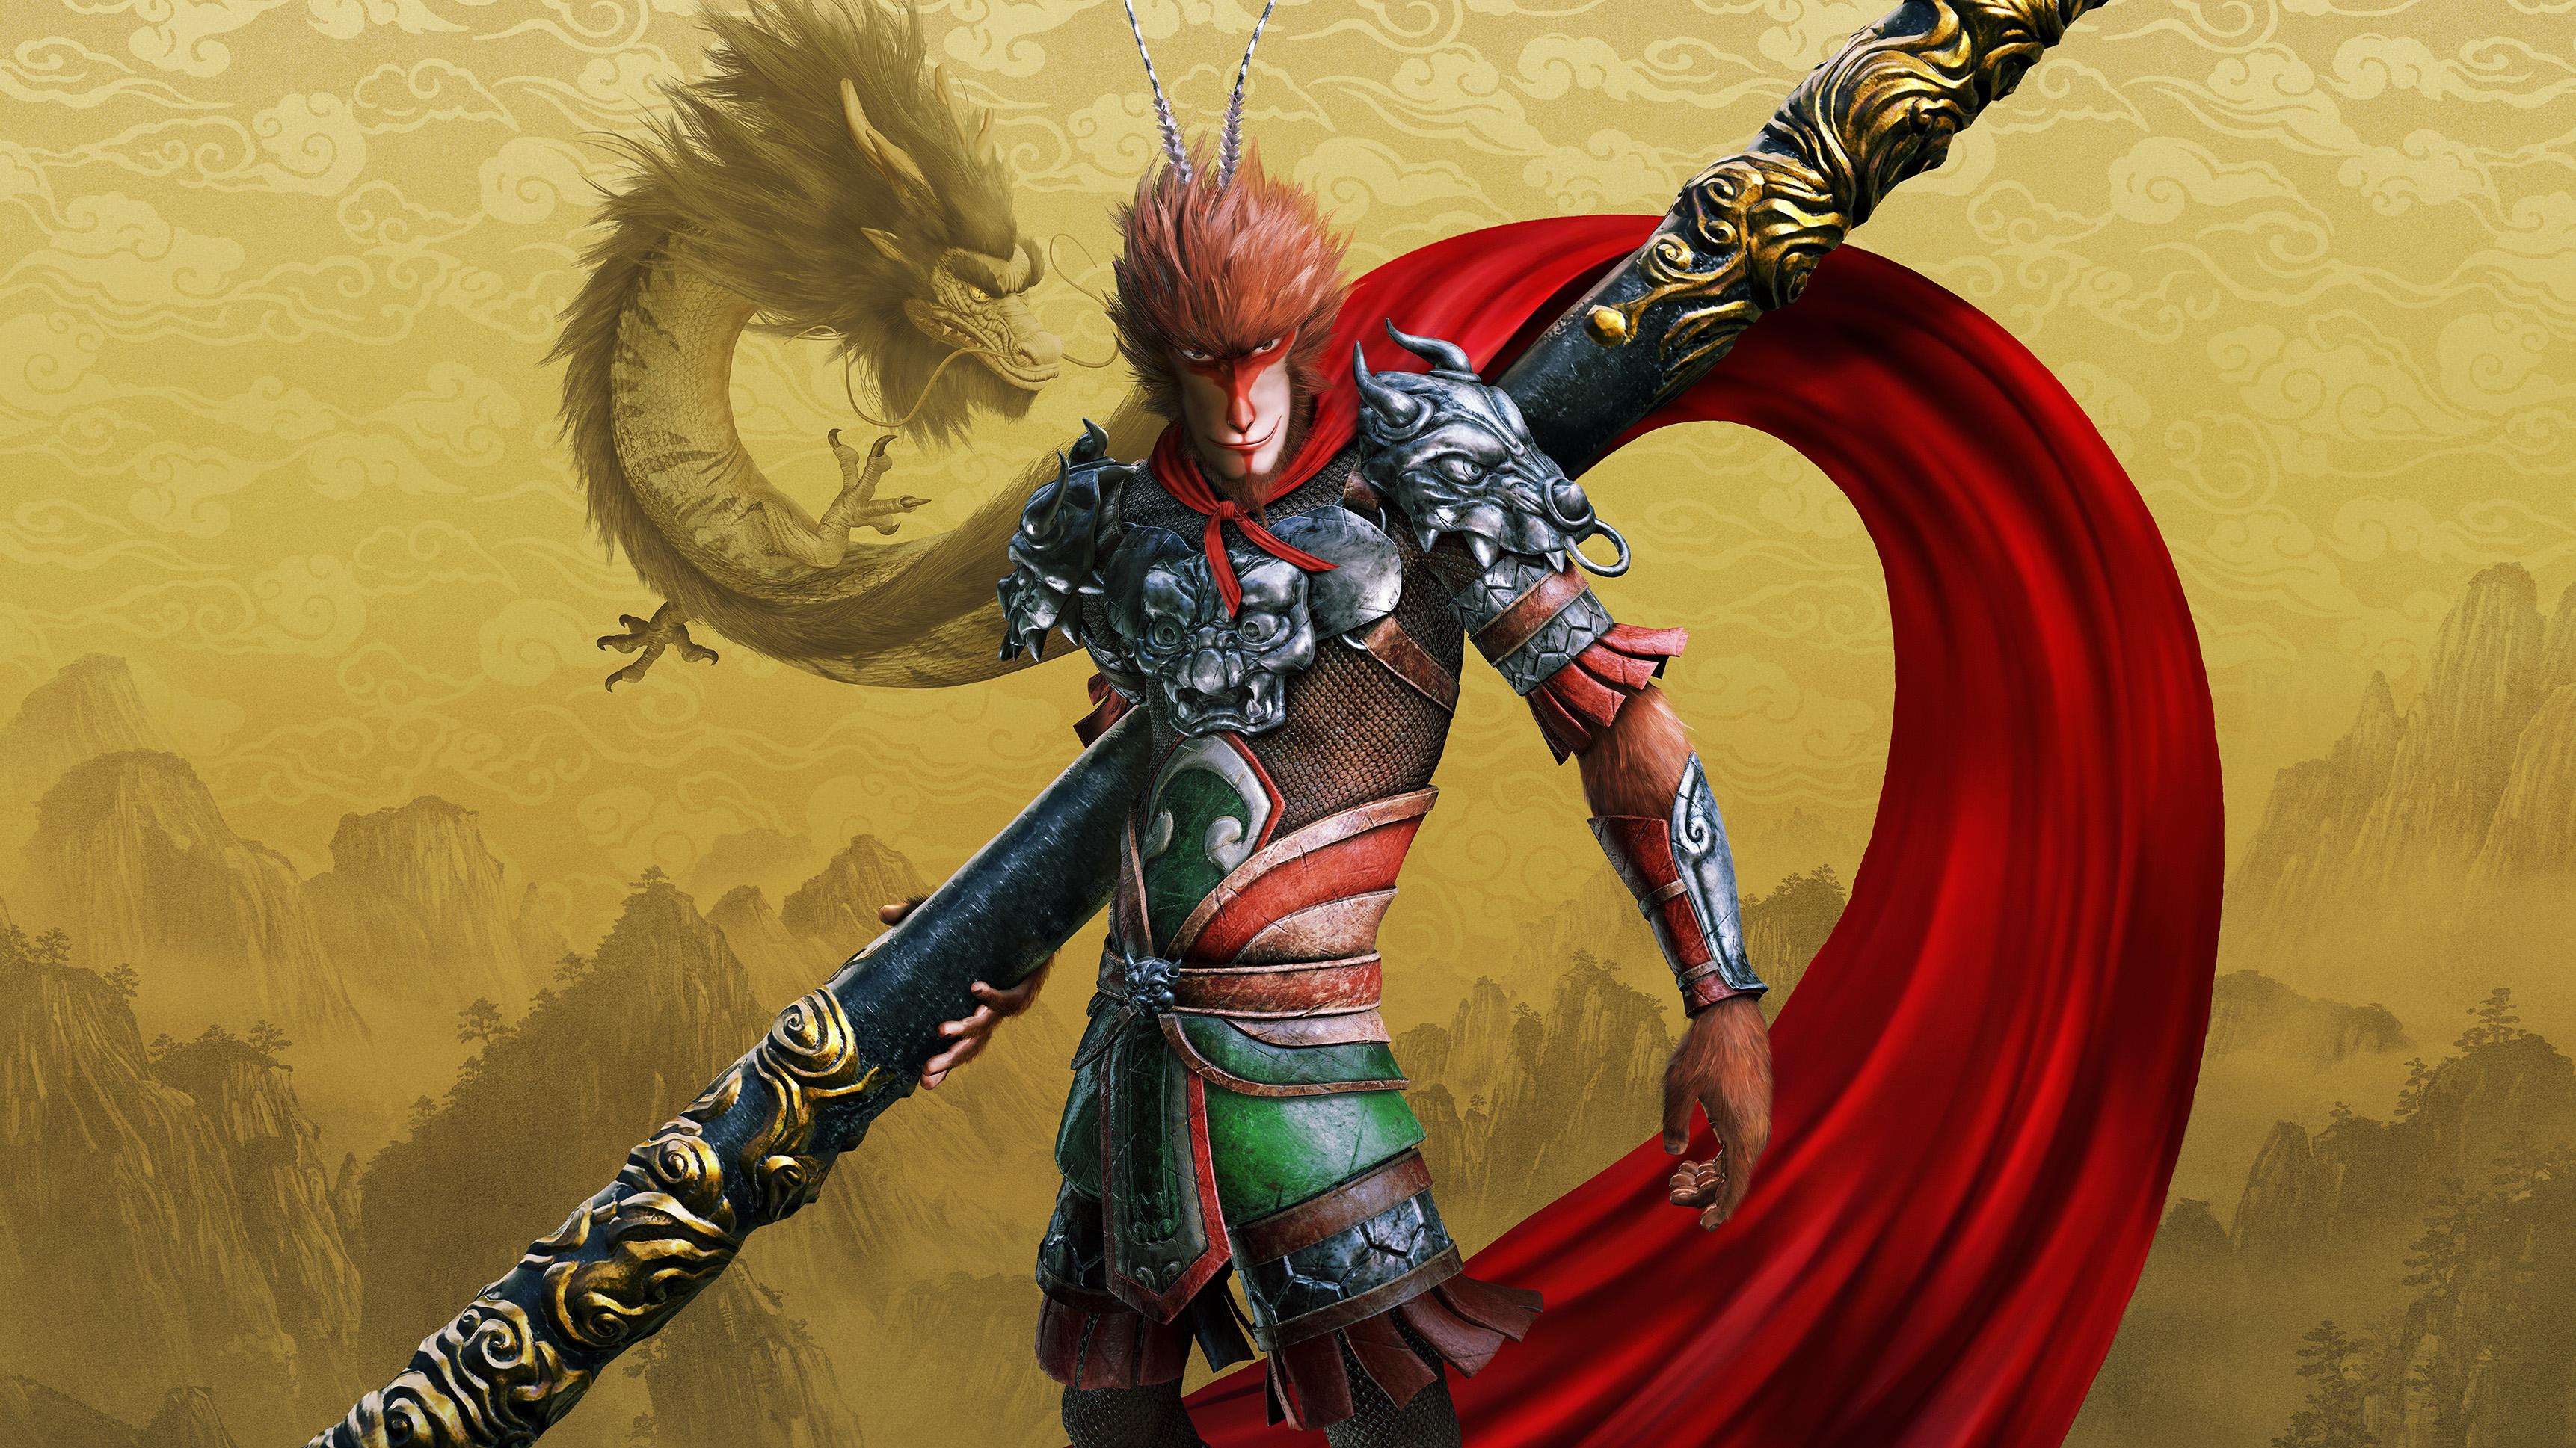 Monkey King Hero Is Back Wallpaper Hd Games 4k Wallpapers